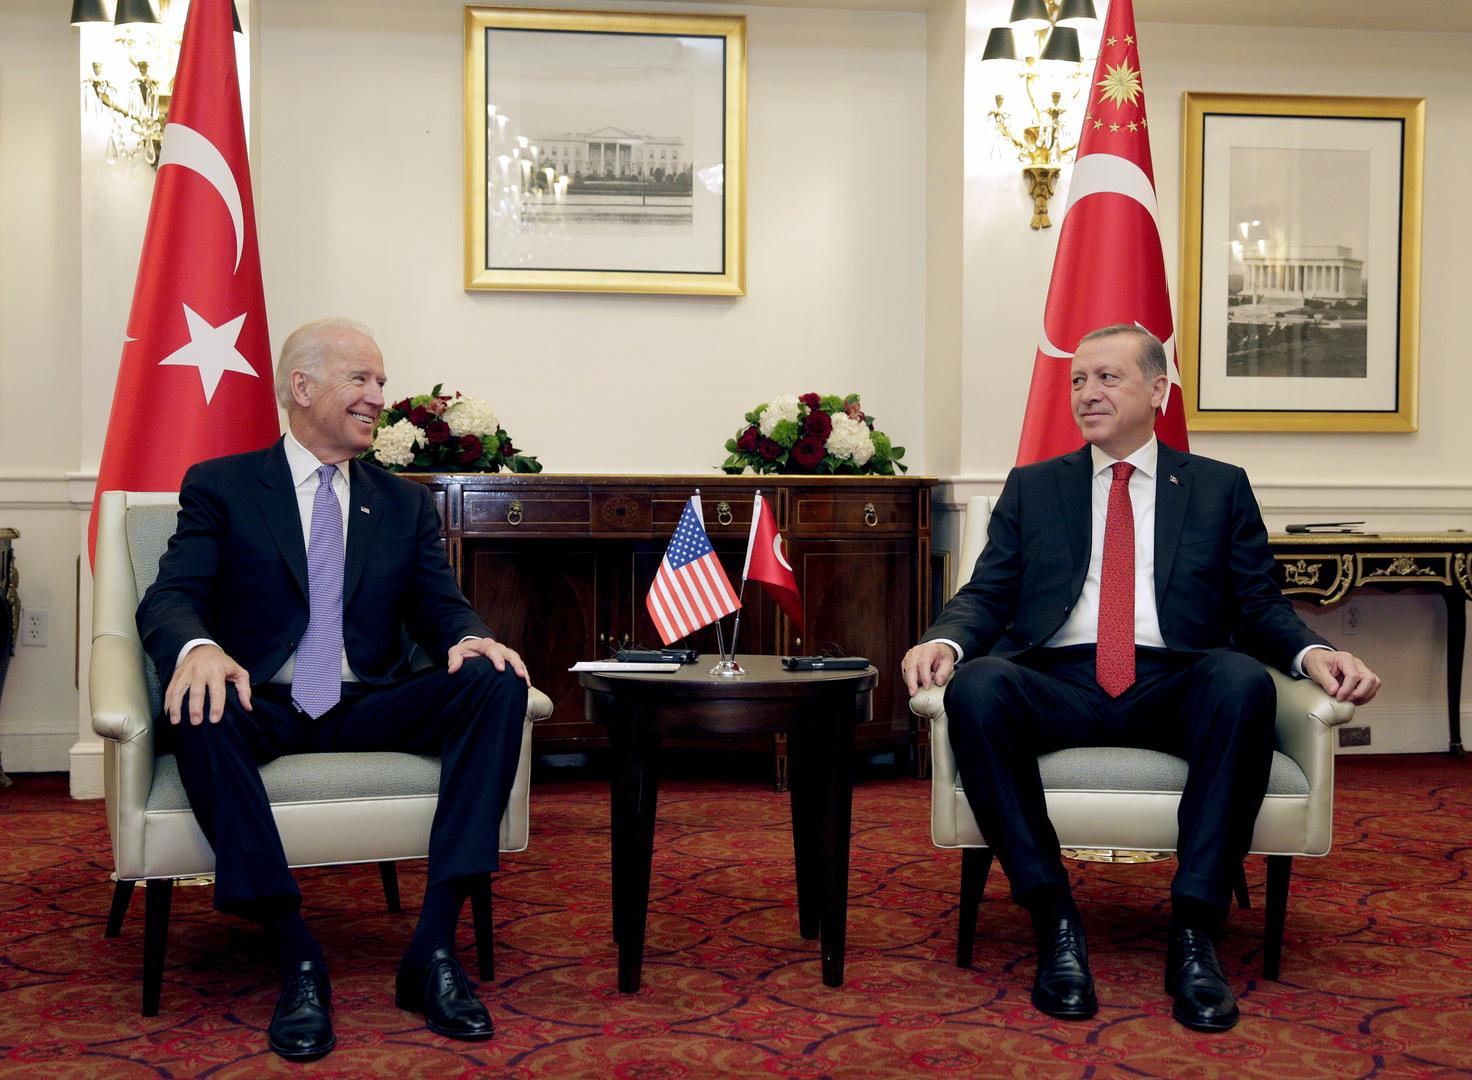 خبير تركي: في عهد بايدن قد تظهر خلافات جديدة بين أنقرة وواشنطن